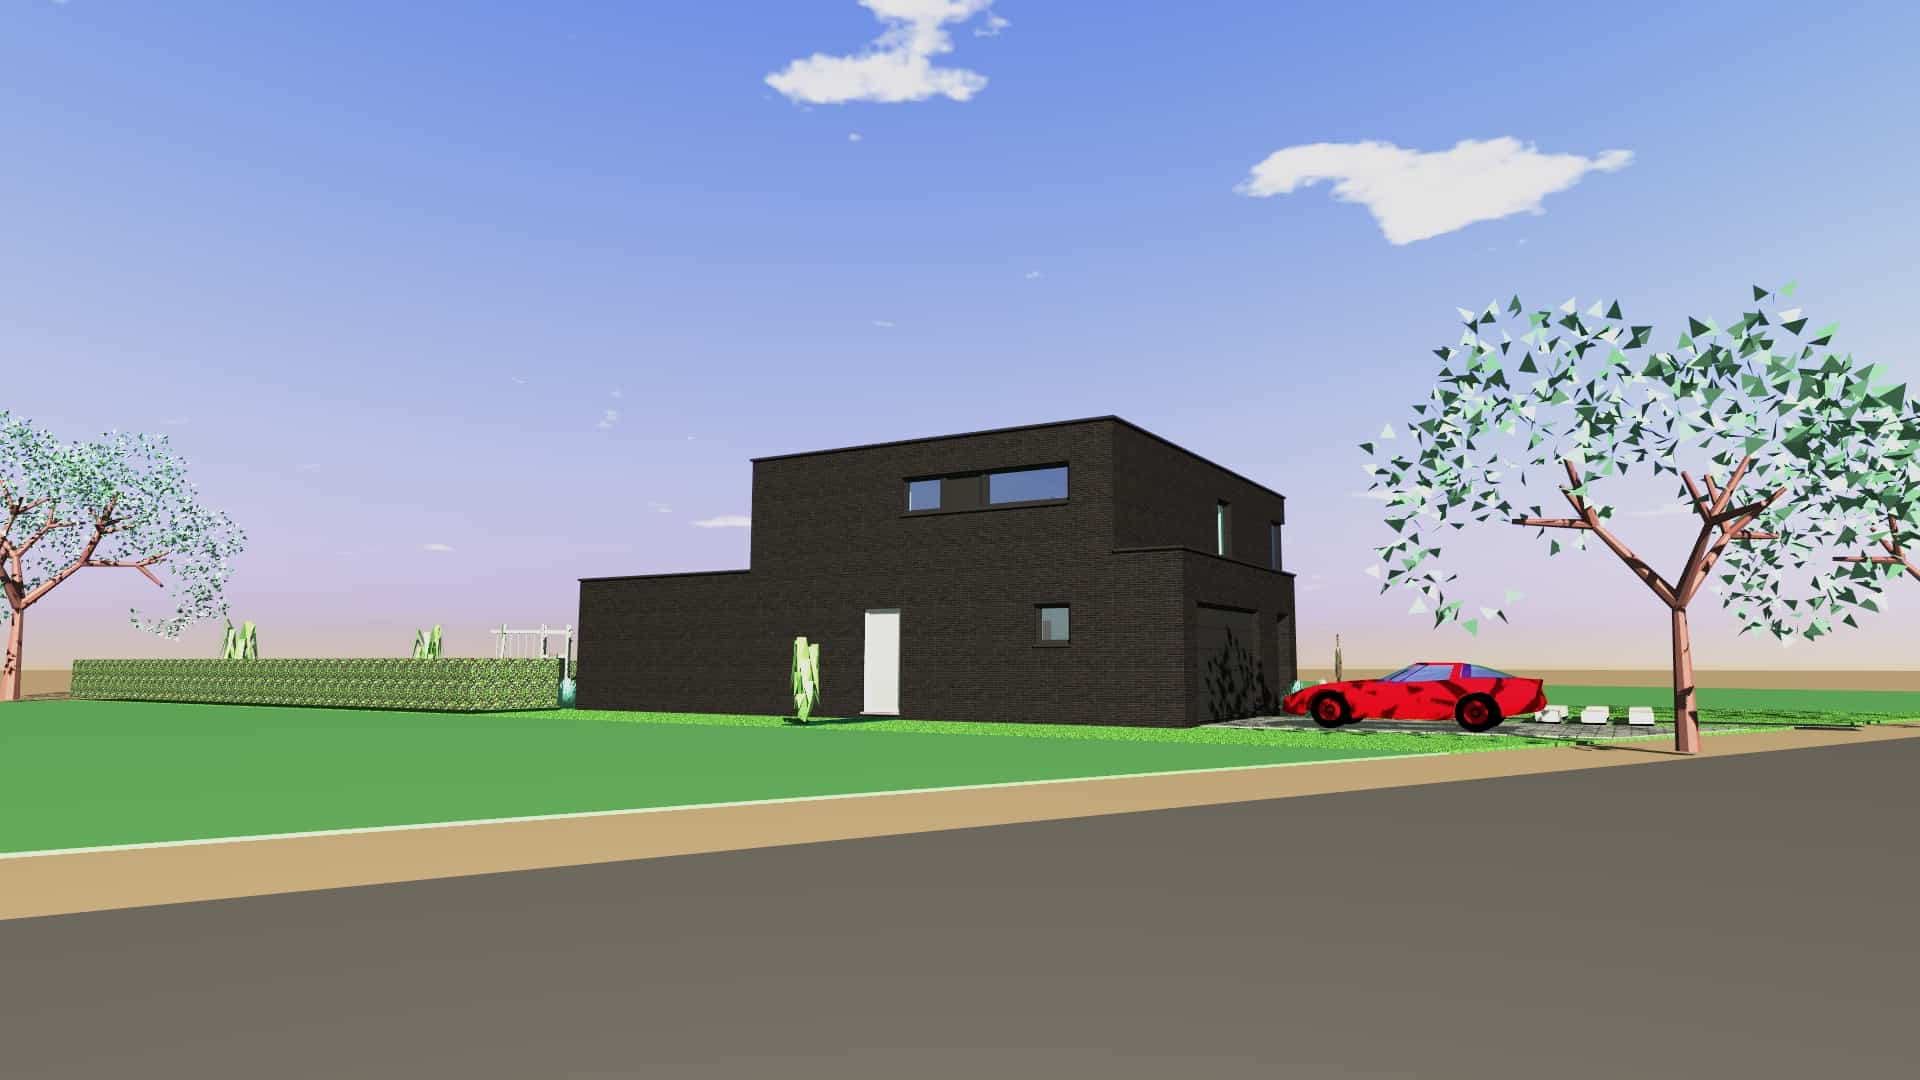 Detail afbeelding 5 van V & S   –   Strakke zwarte woning   –   Zutendaal | Ontwerp door architect Patrick Strackx